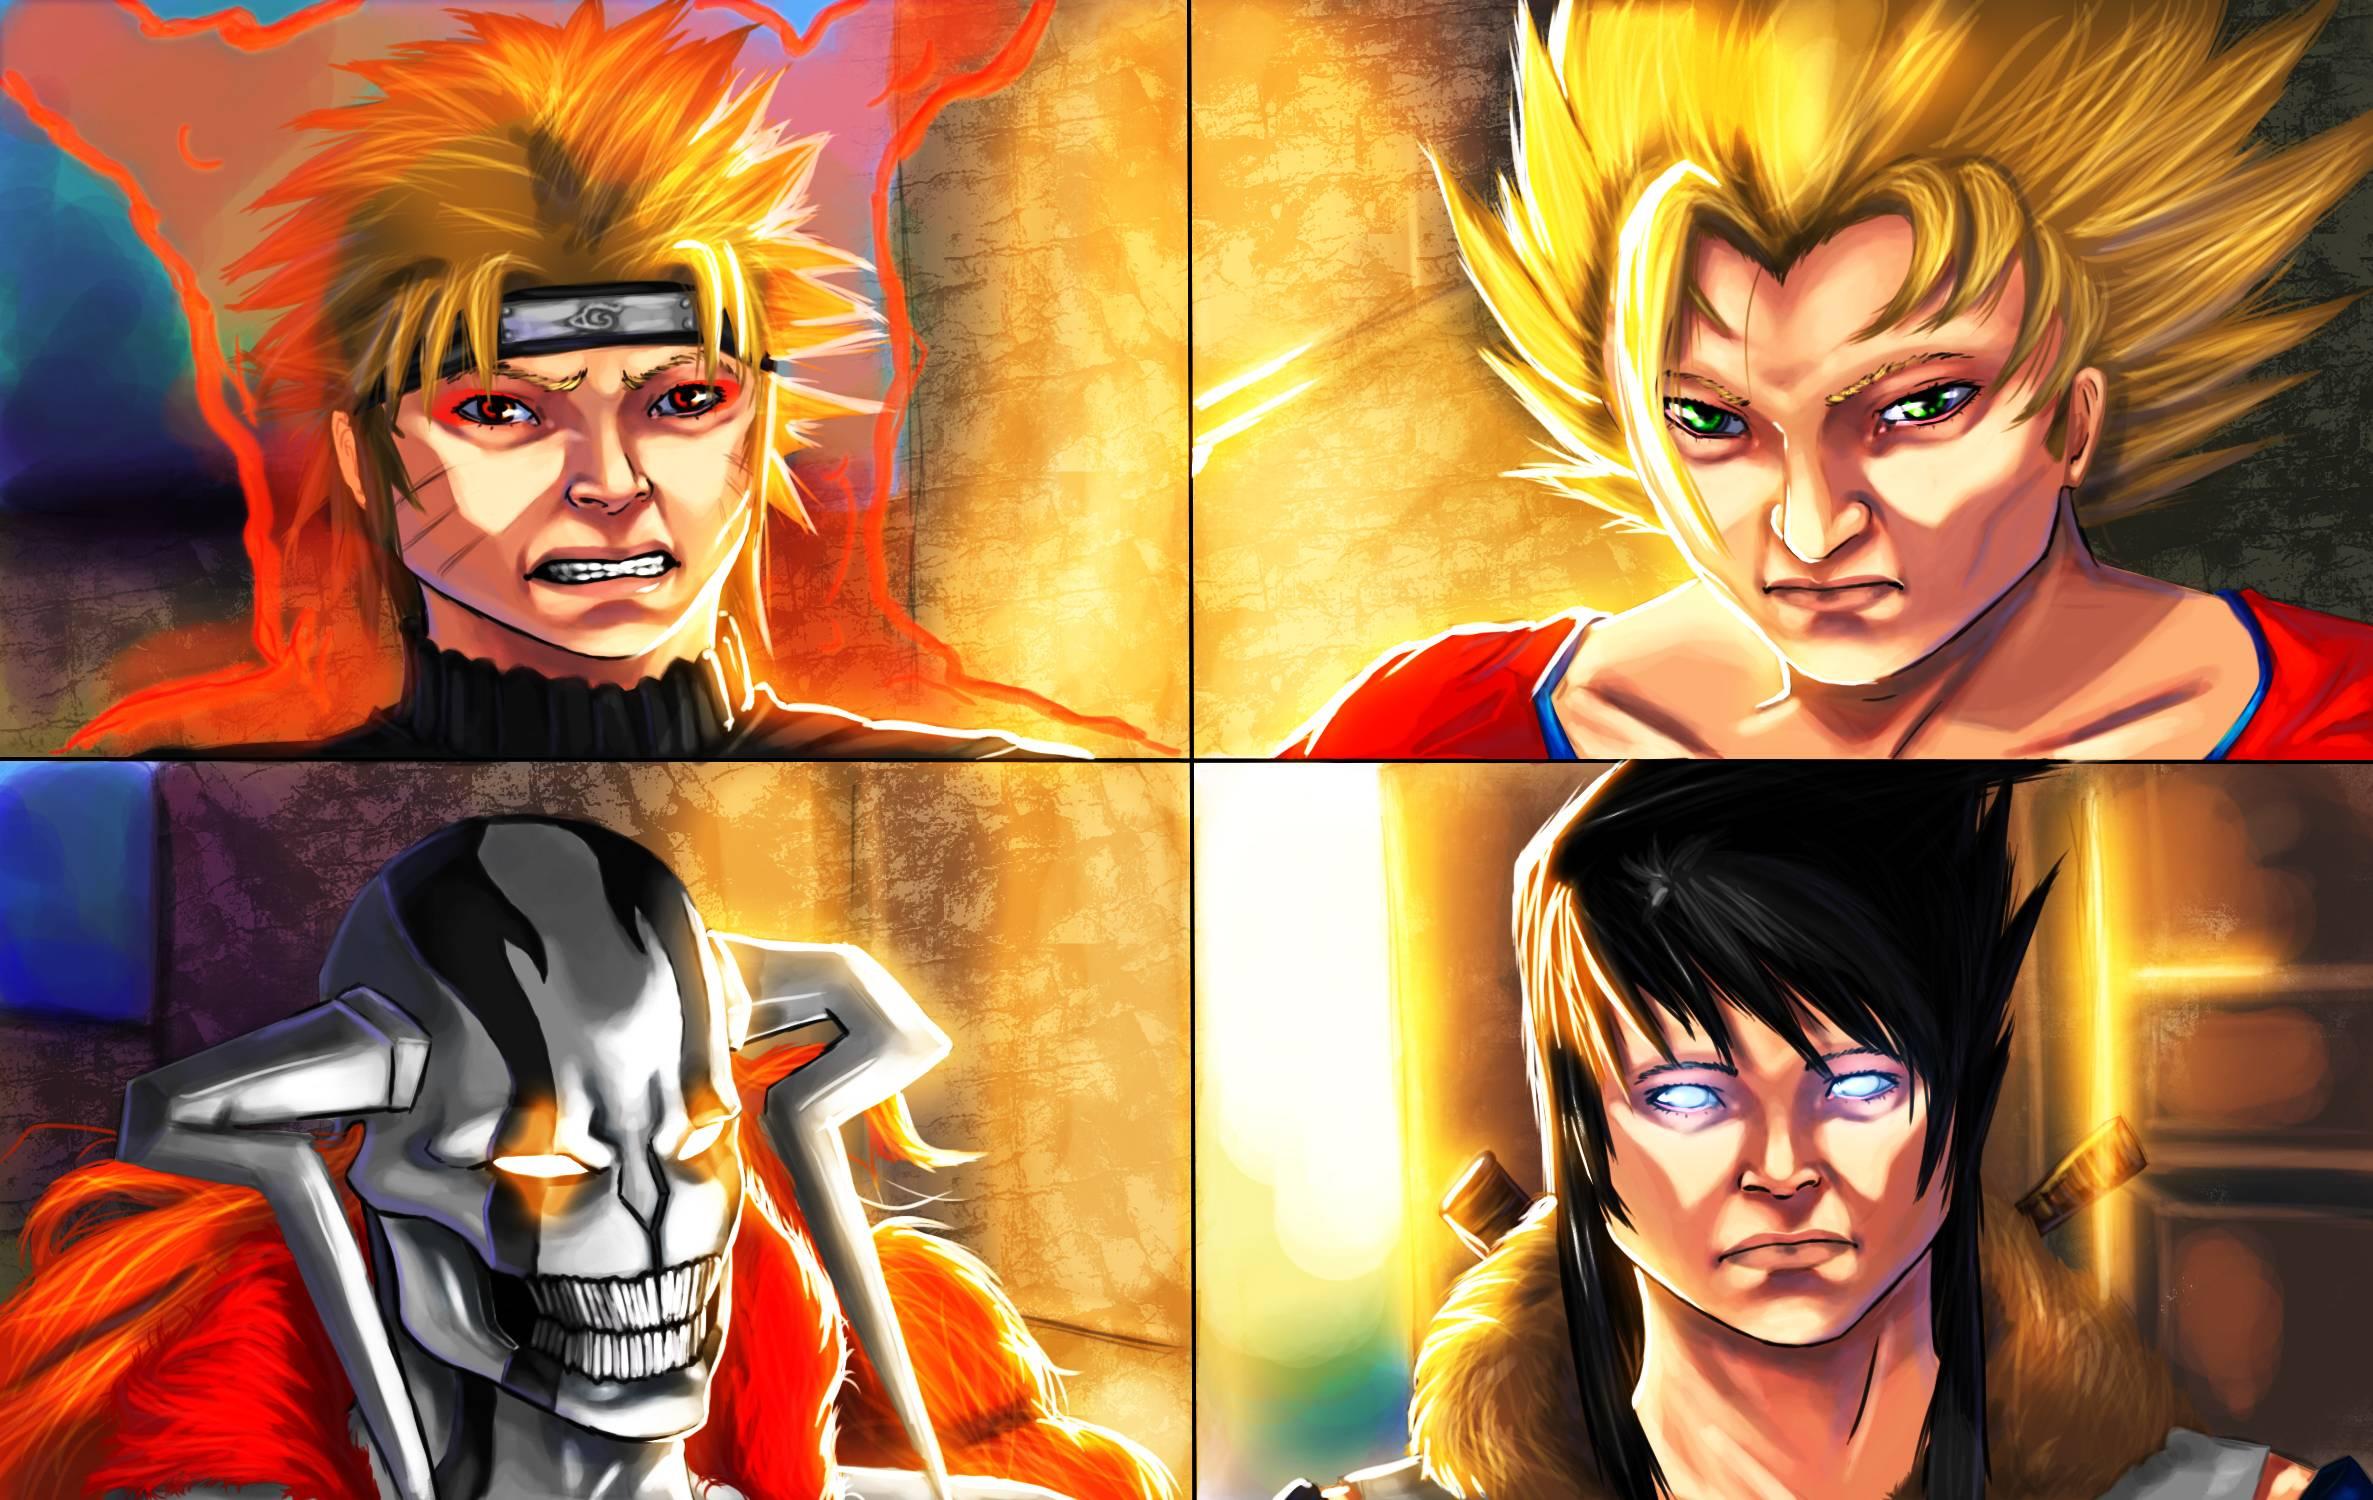 Goku And Naruto Wallpapers 2373x1500